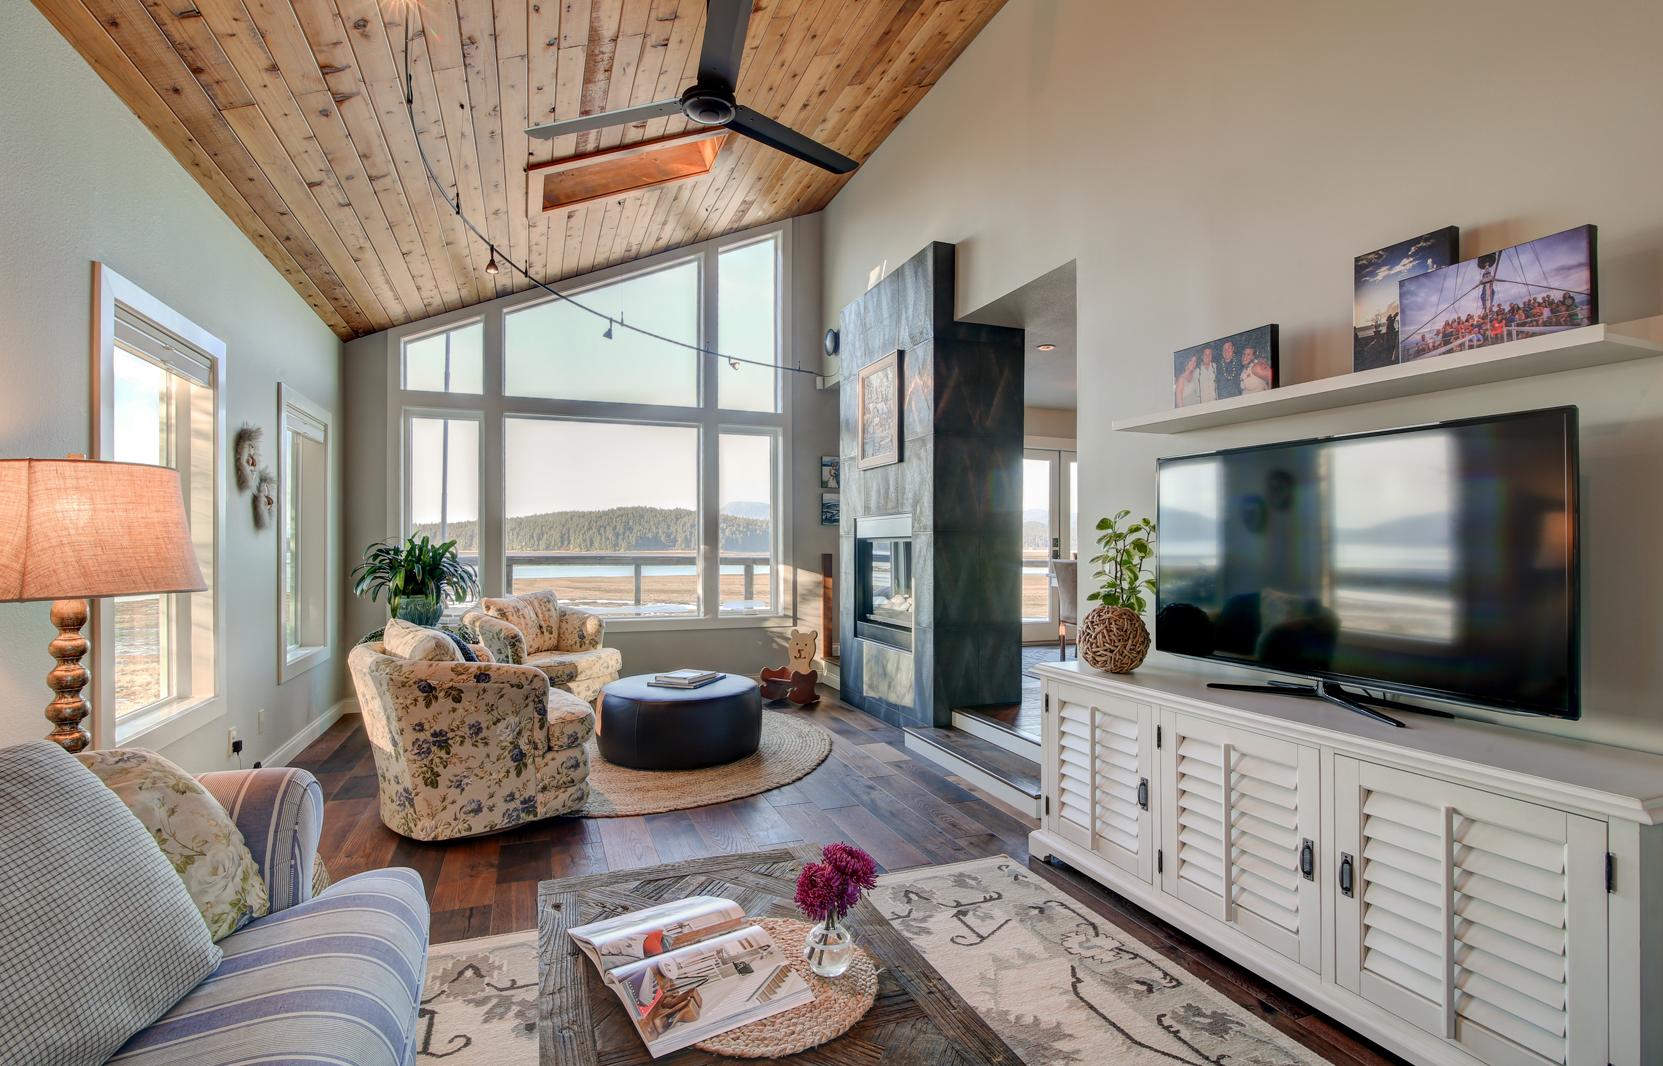 modern living room decor 2017 light green paint colors for douglas beach home- bauer/clifton interiors - juneau, alaska